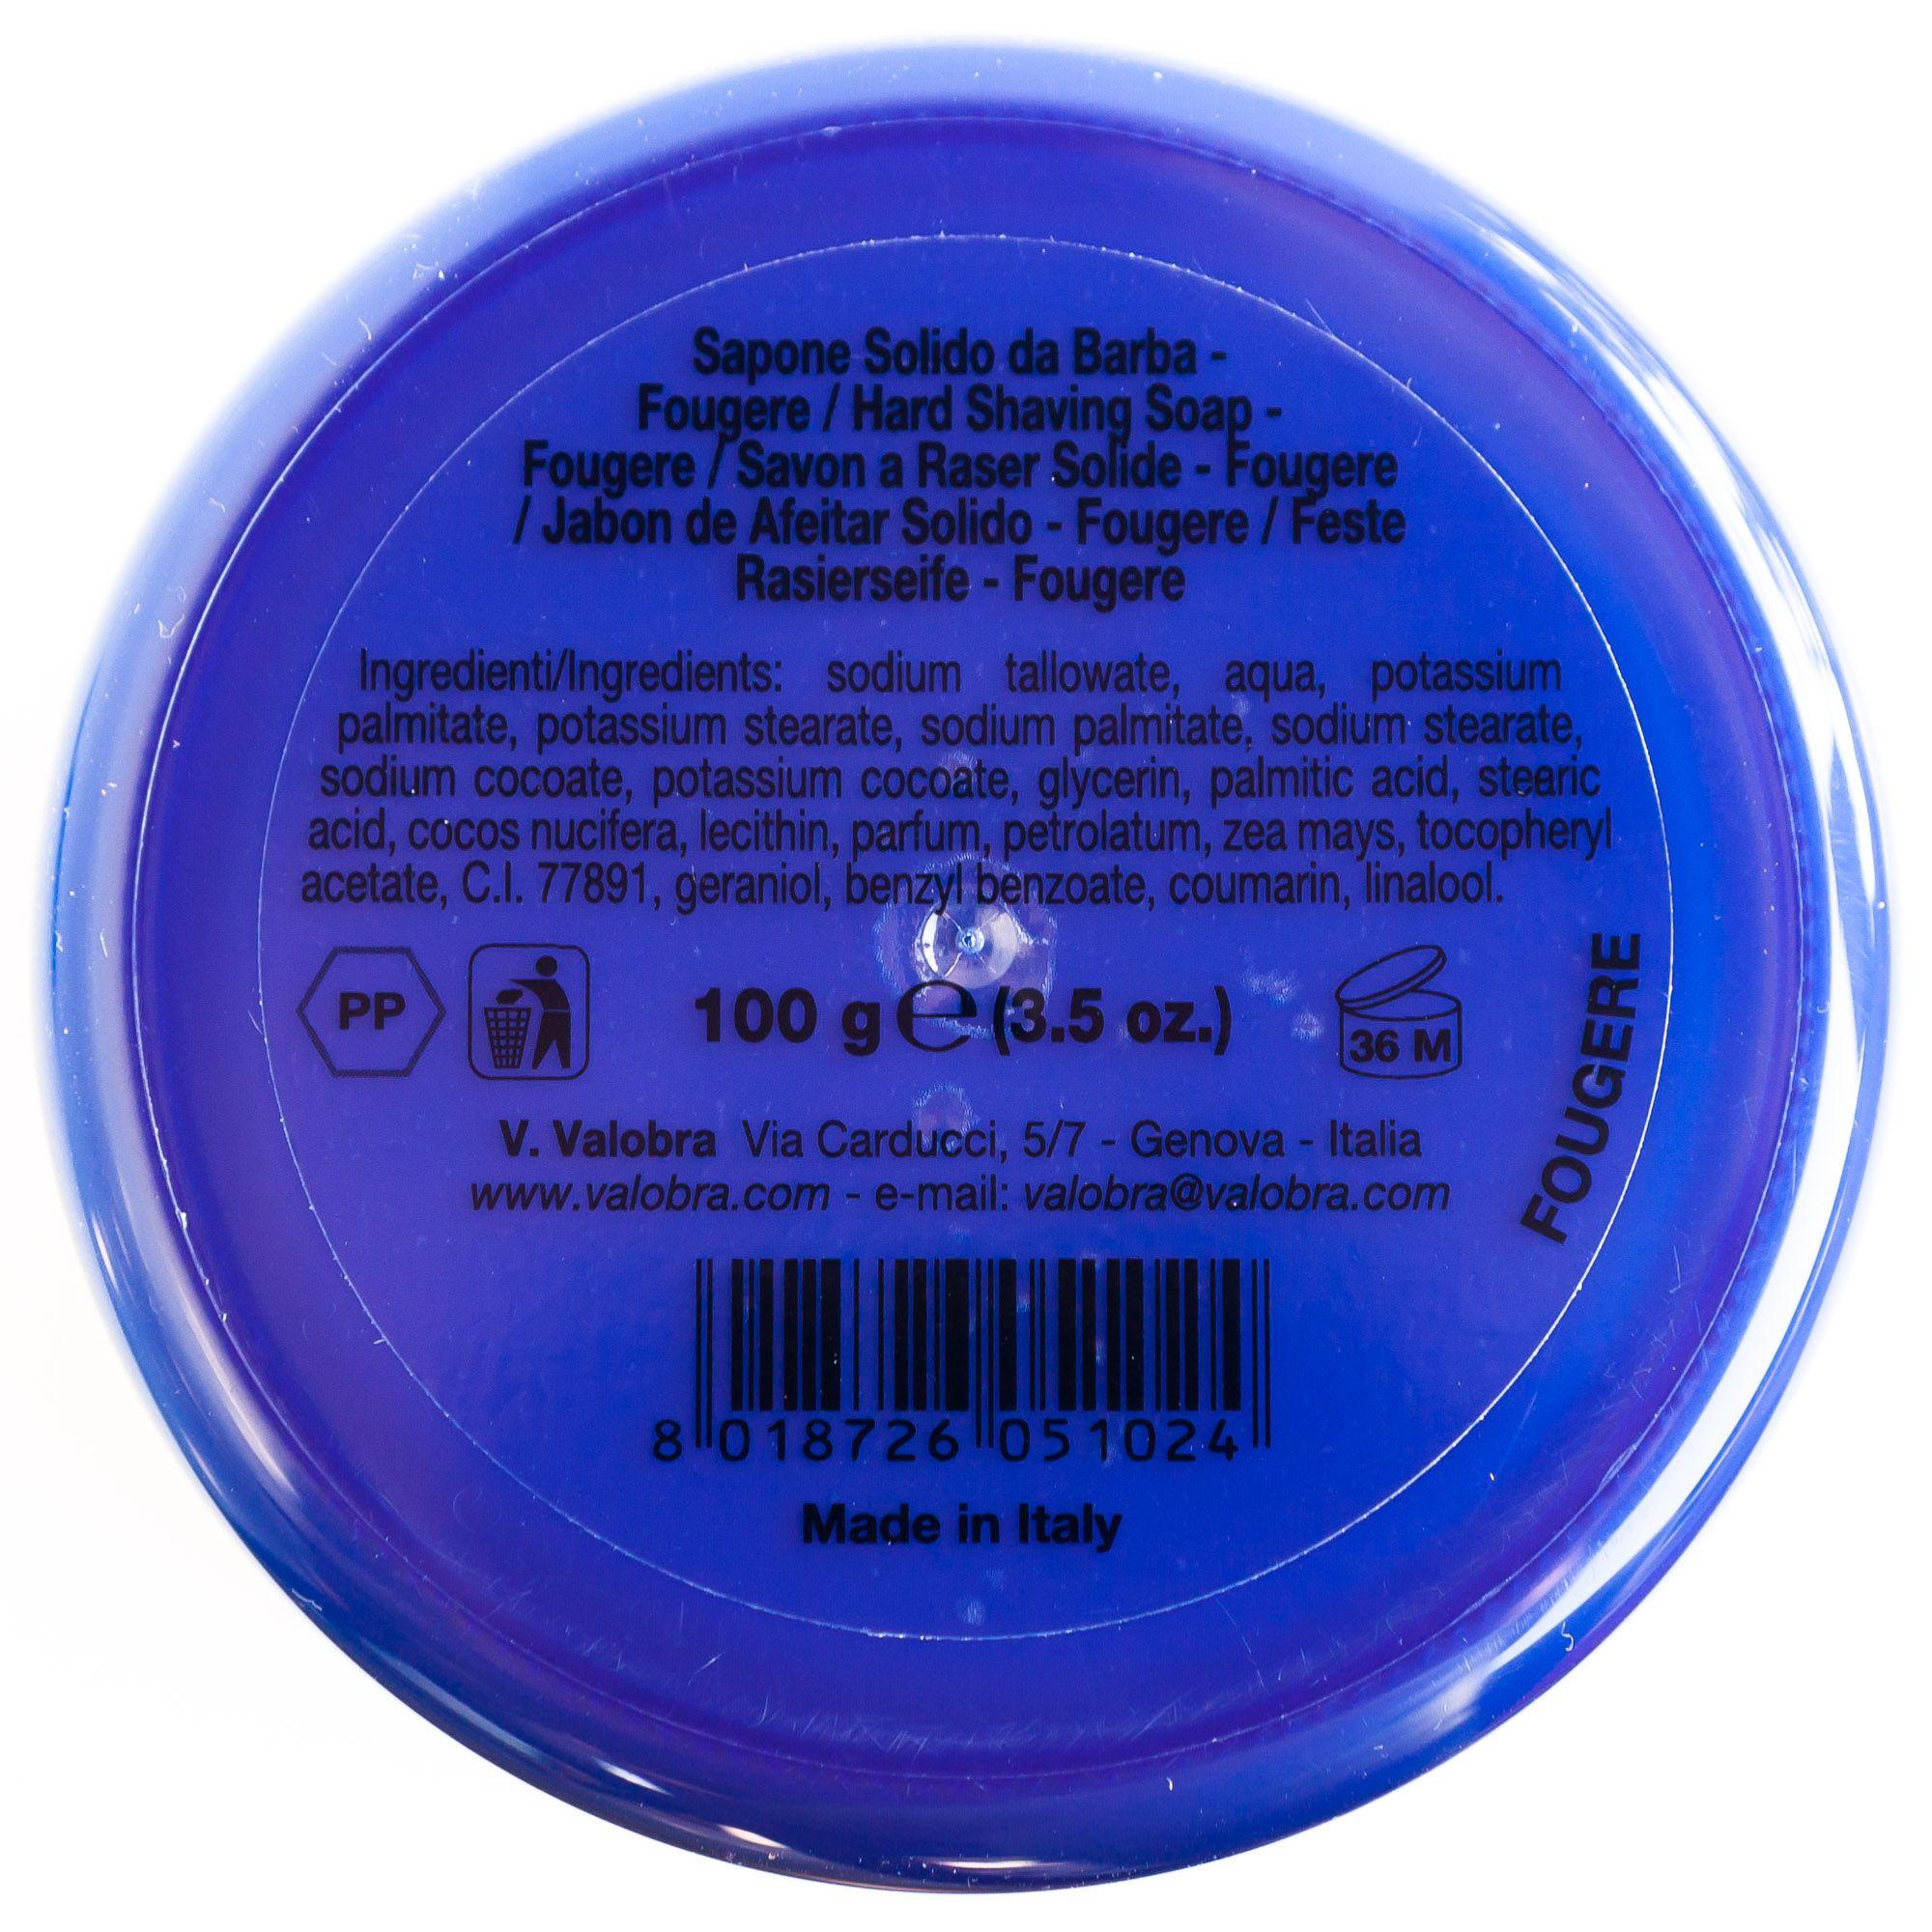 Skład mydła do golenia Valobra Fougere (INCI ingredients)